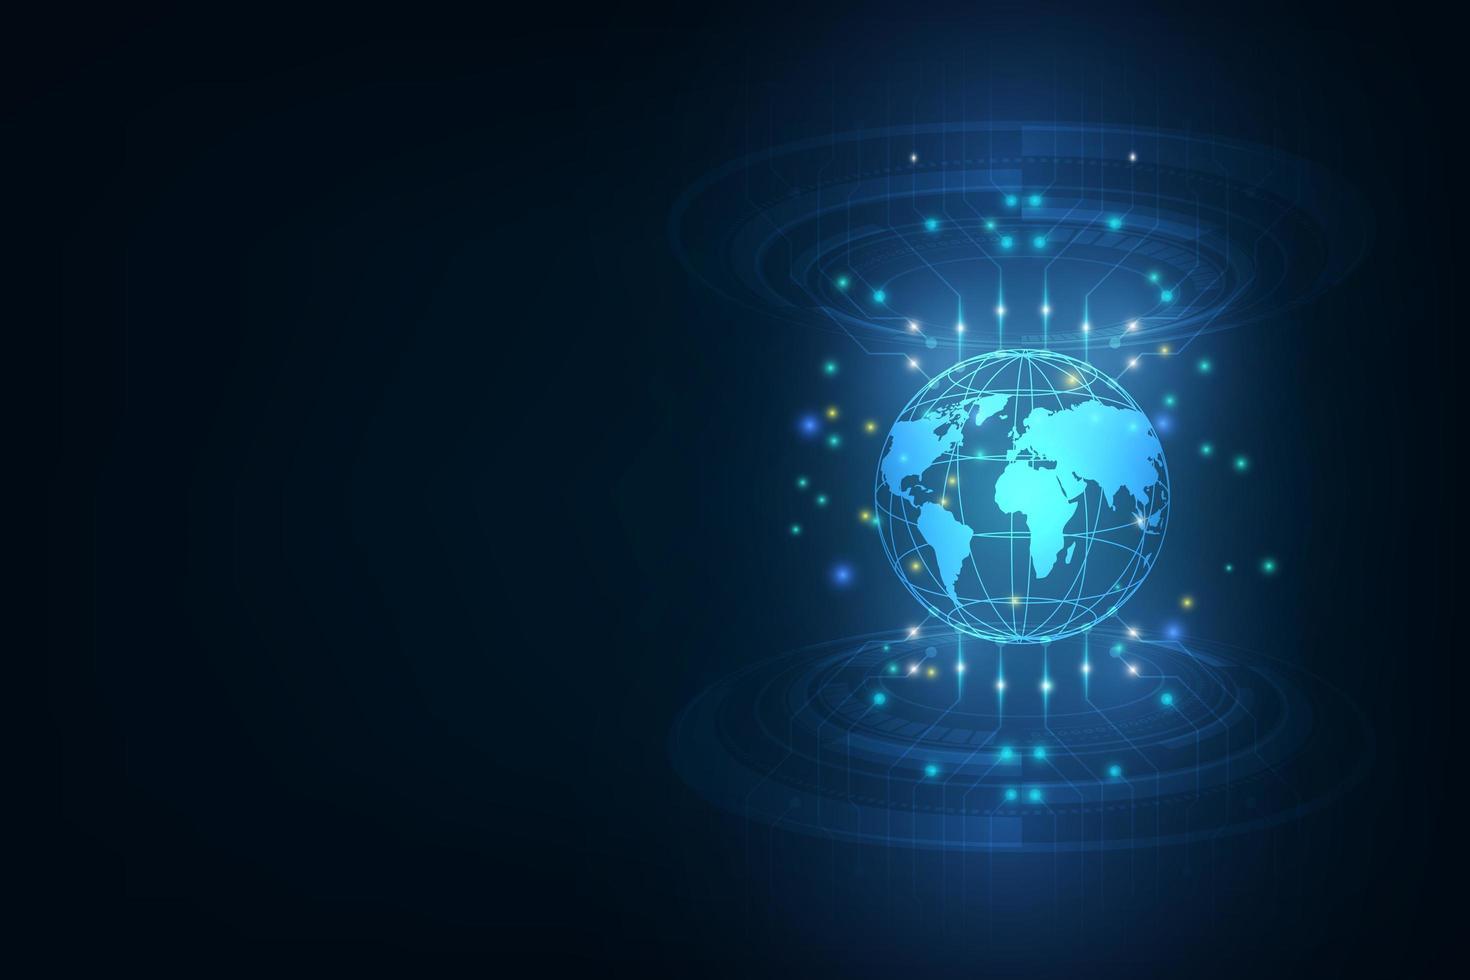 fond de transfert de données mondial de haute technologie vecteur